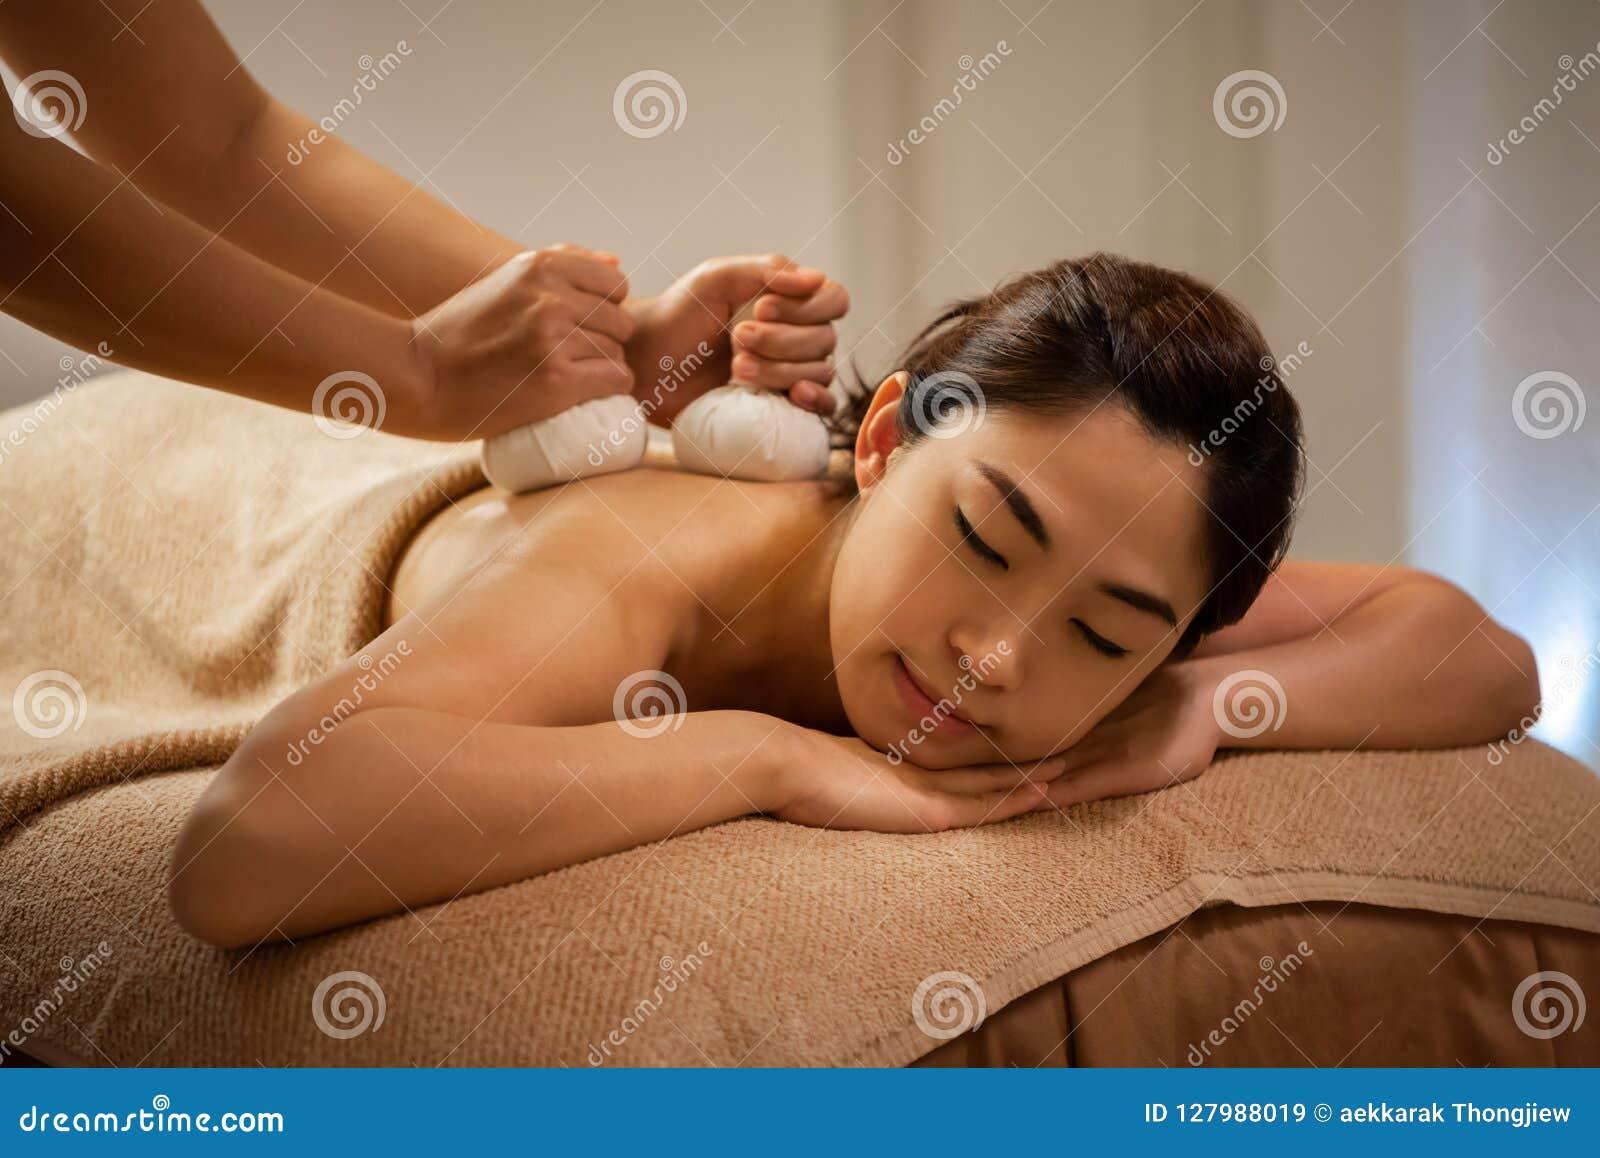 Massös som gör massage på asiatisk kvinnlig kropp i brunnsortsalongen